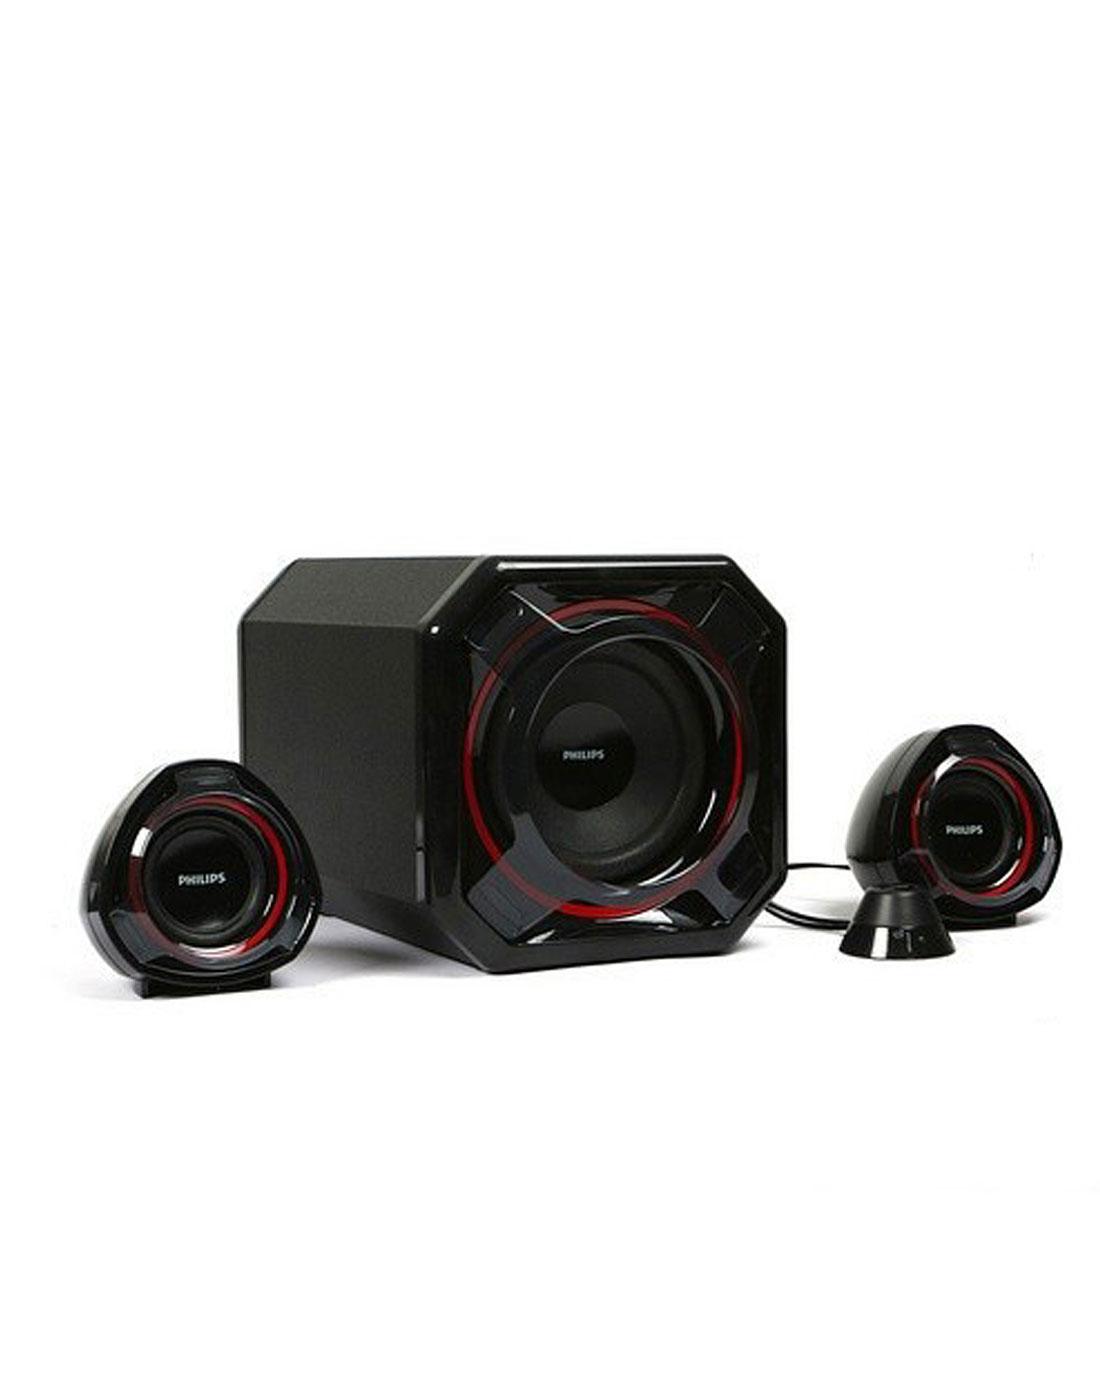 音箱2.1 hifi低音炮 黑色 高清图片